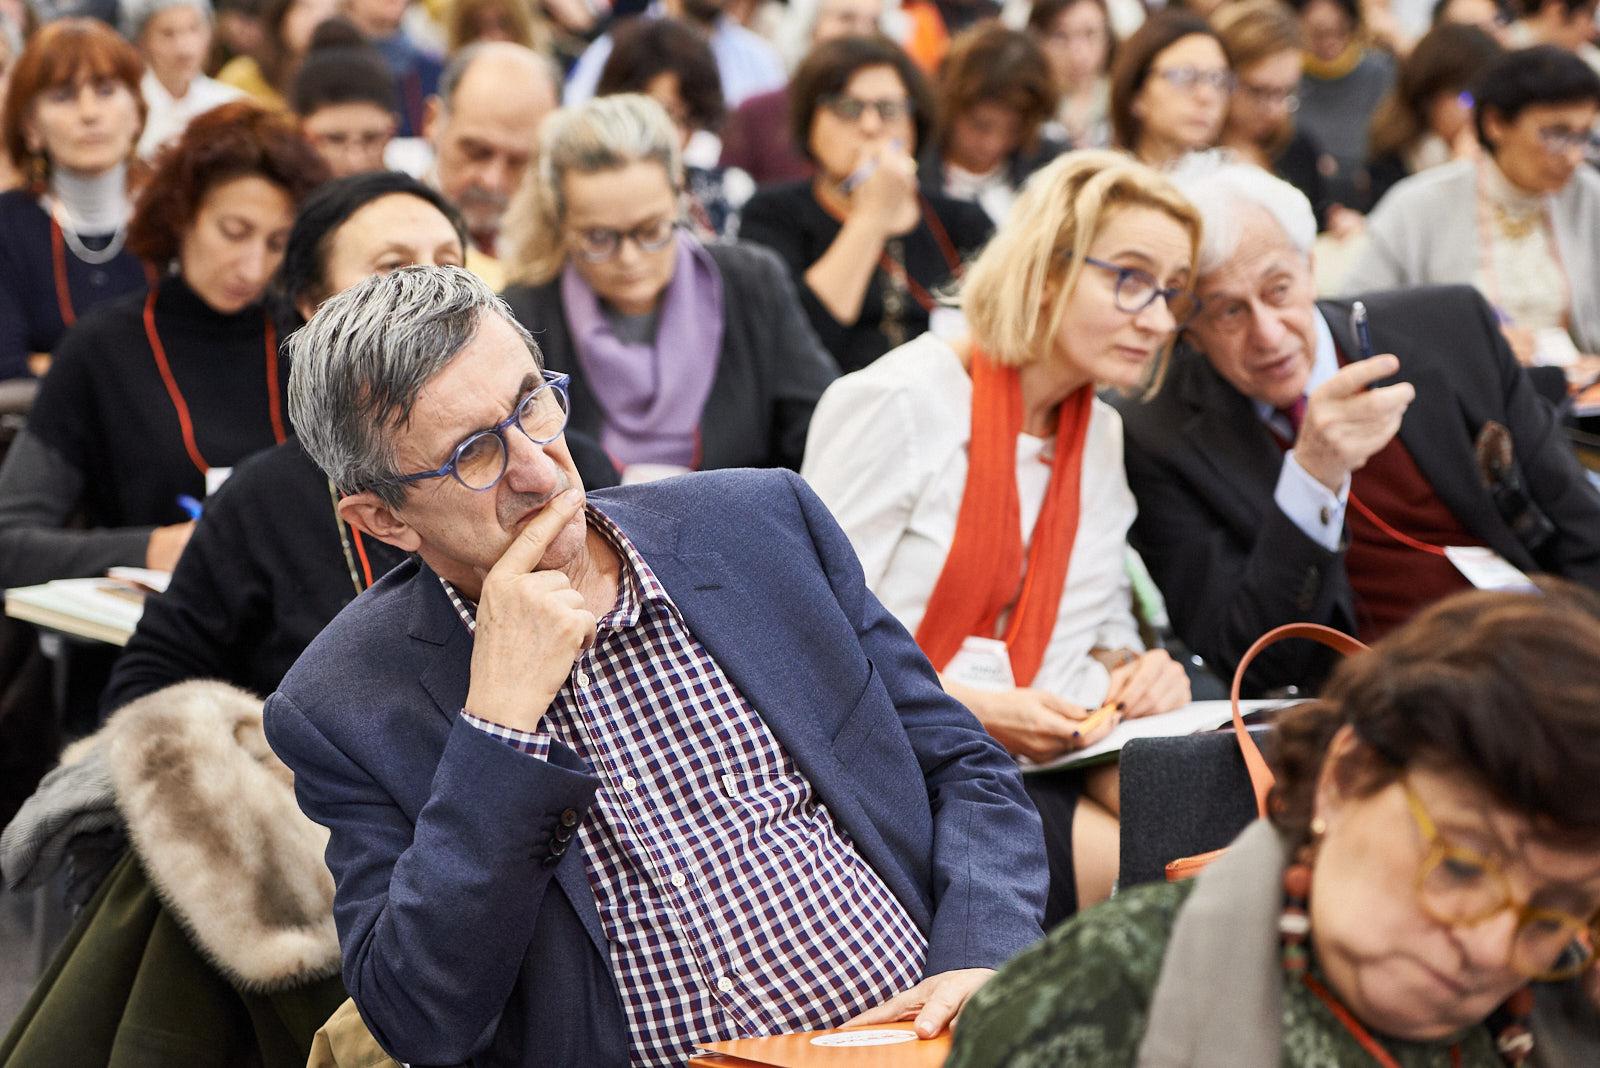 Amedeo Vigorelli, docente di Filosofia morale all'Università degli Studi di Milano